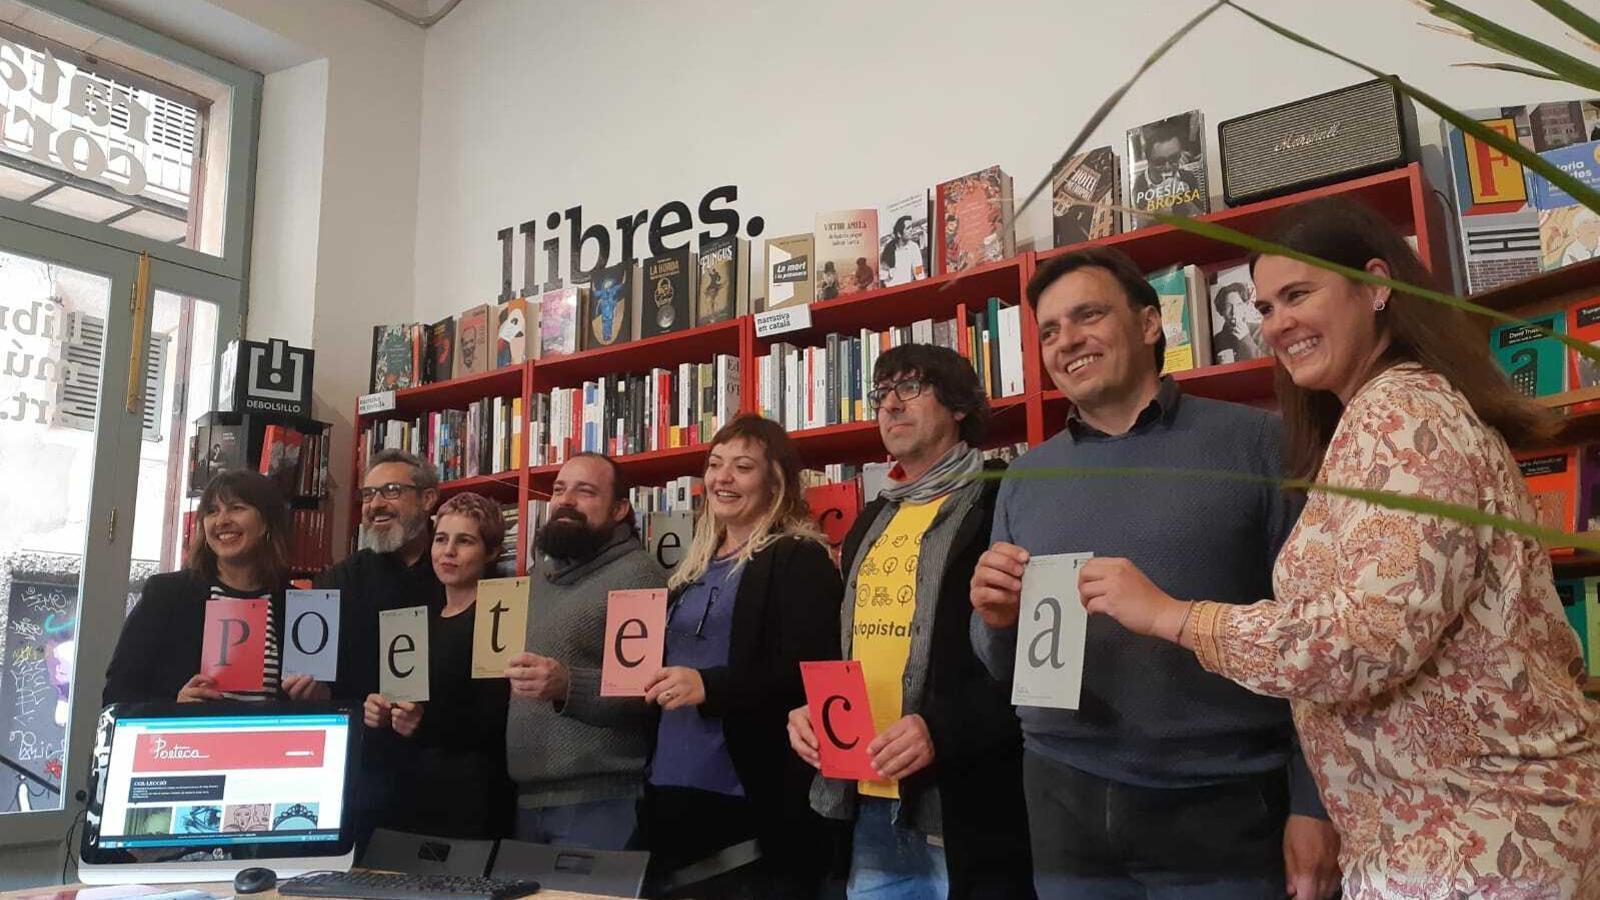 La Poeteca serà l'espai biblioteca de la futura casa Blai Bonet